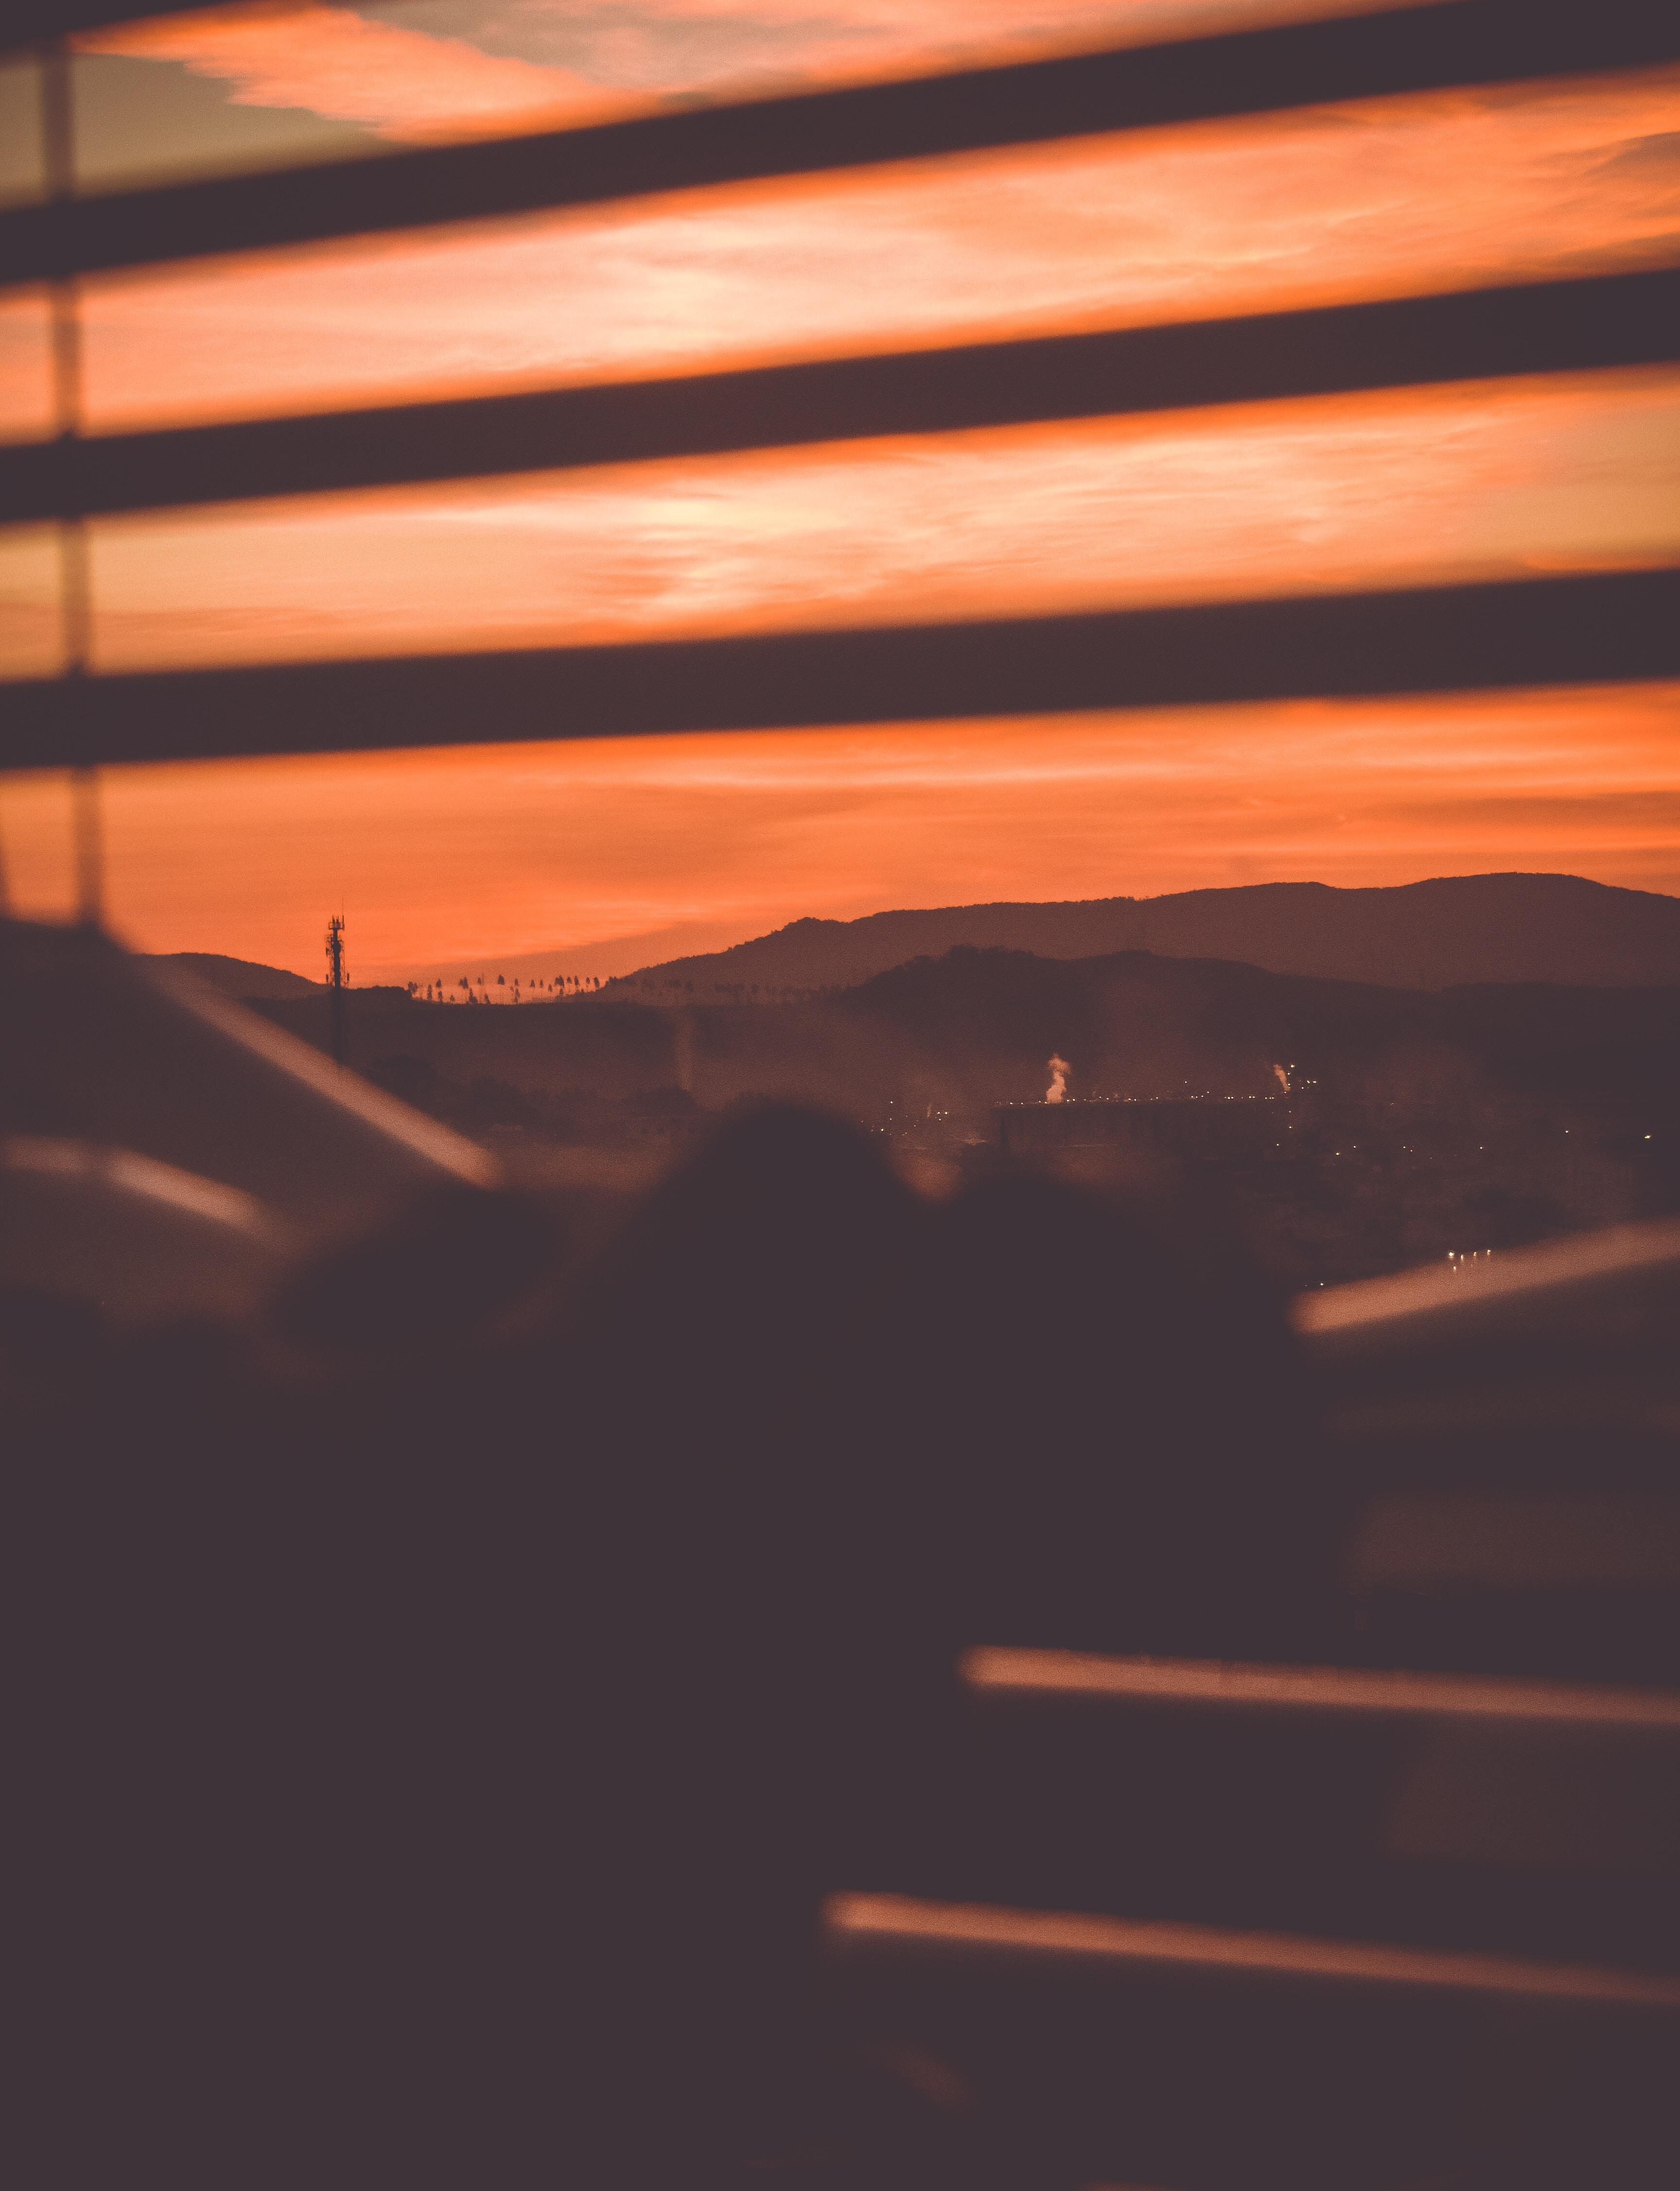 orange sky during daytime